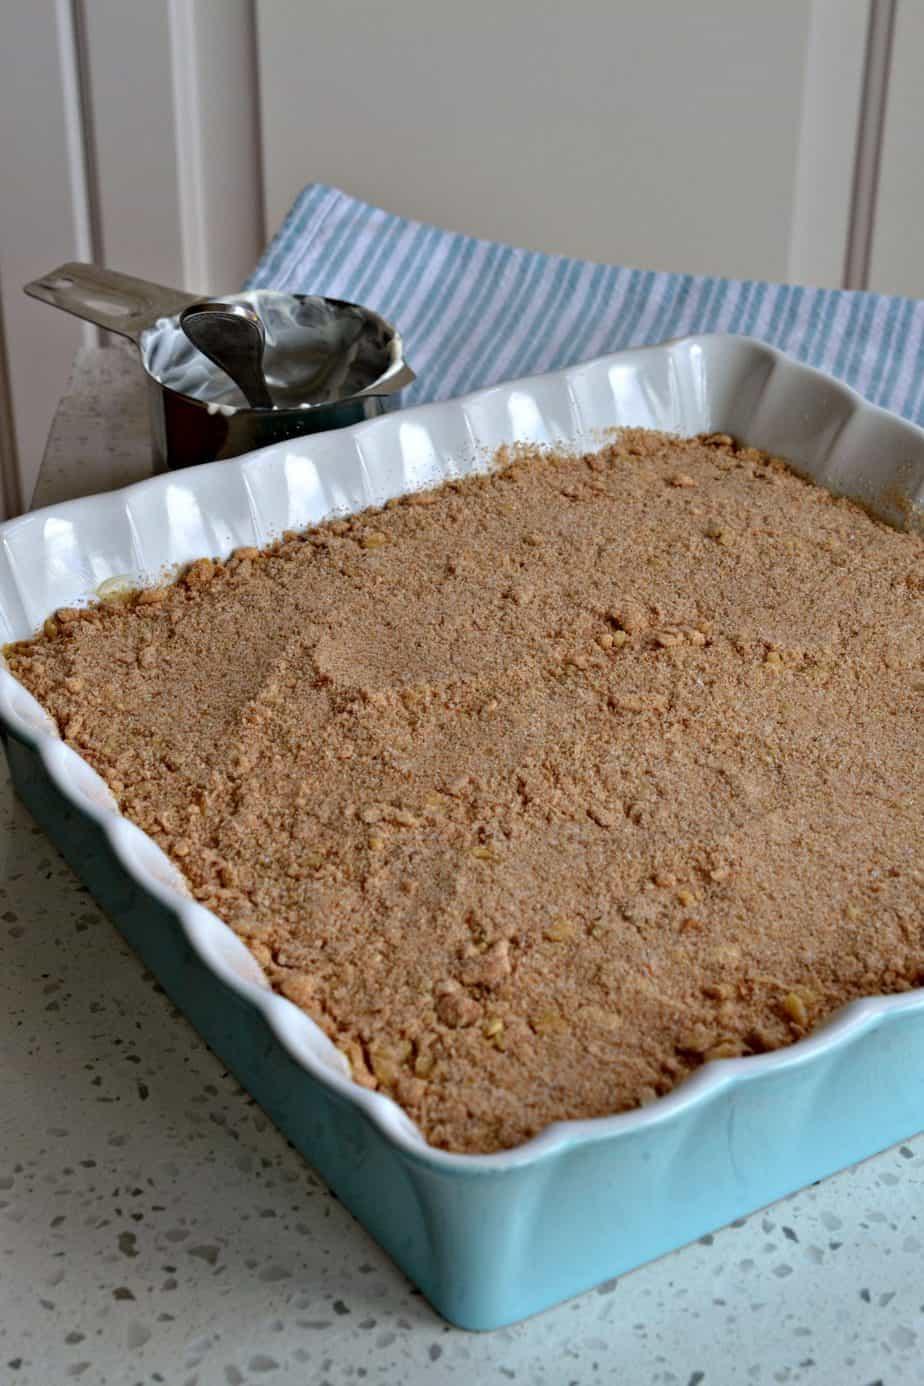 How do you make Sour Cream Coffee Cake